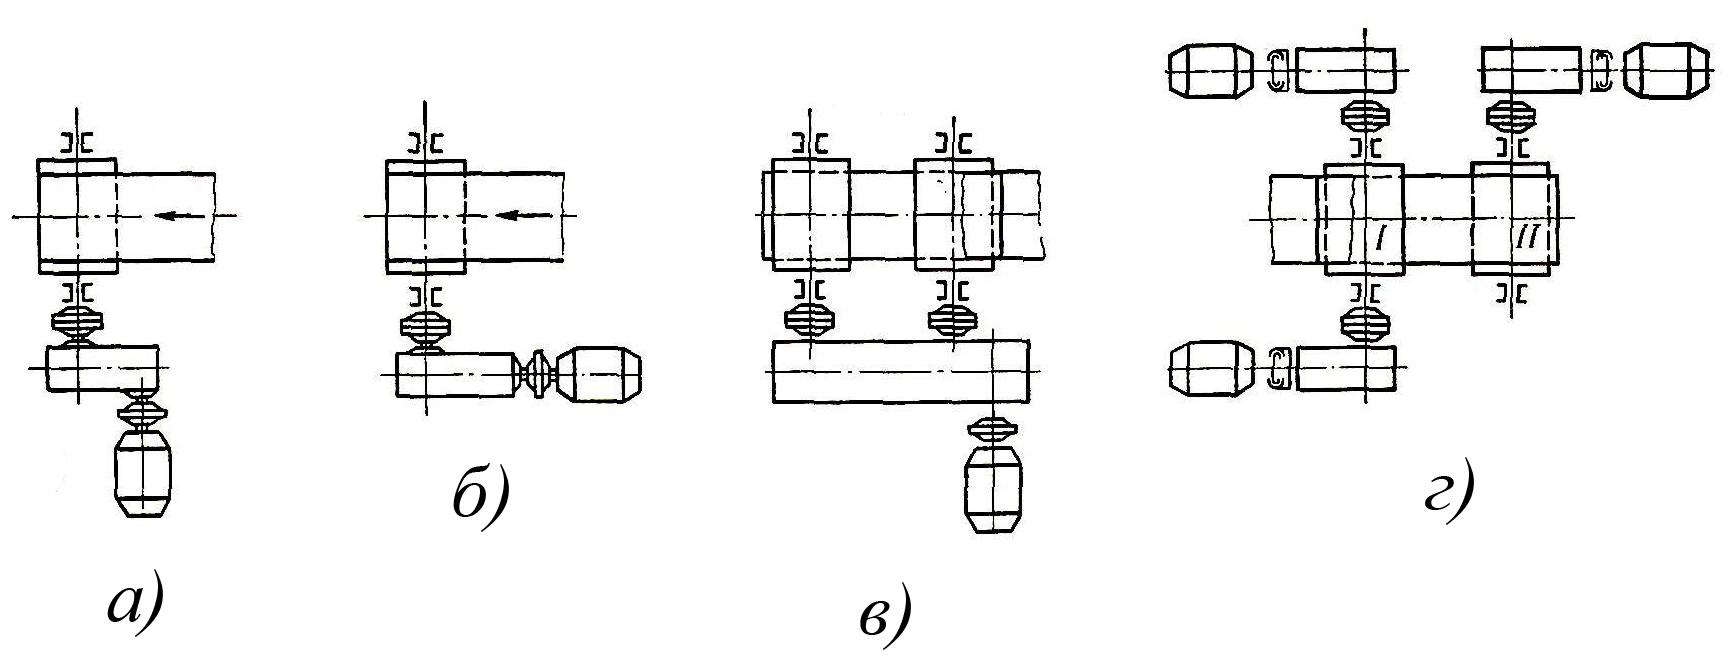 Достоинства и недостатки привода ленточного конвейера расчет конвейера по деталям машин